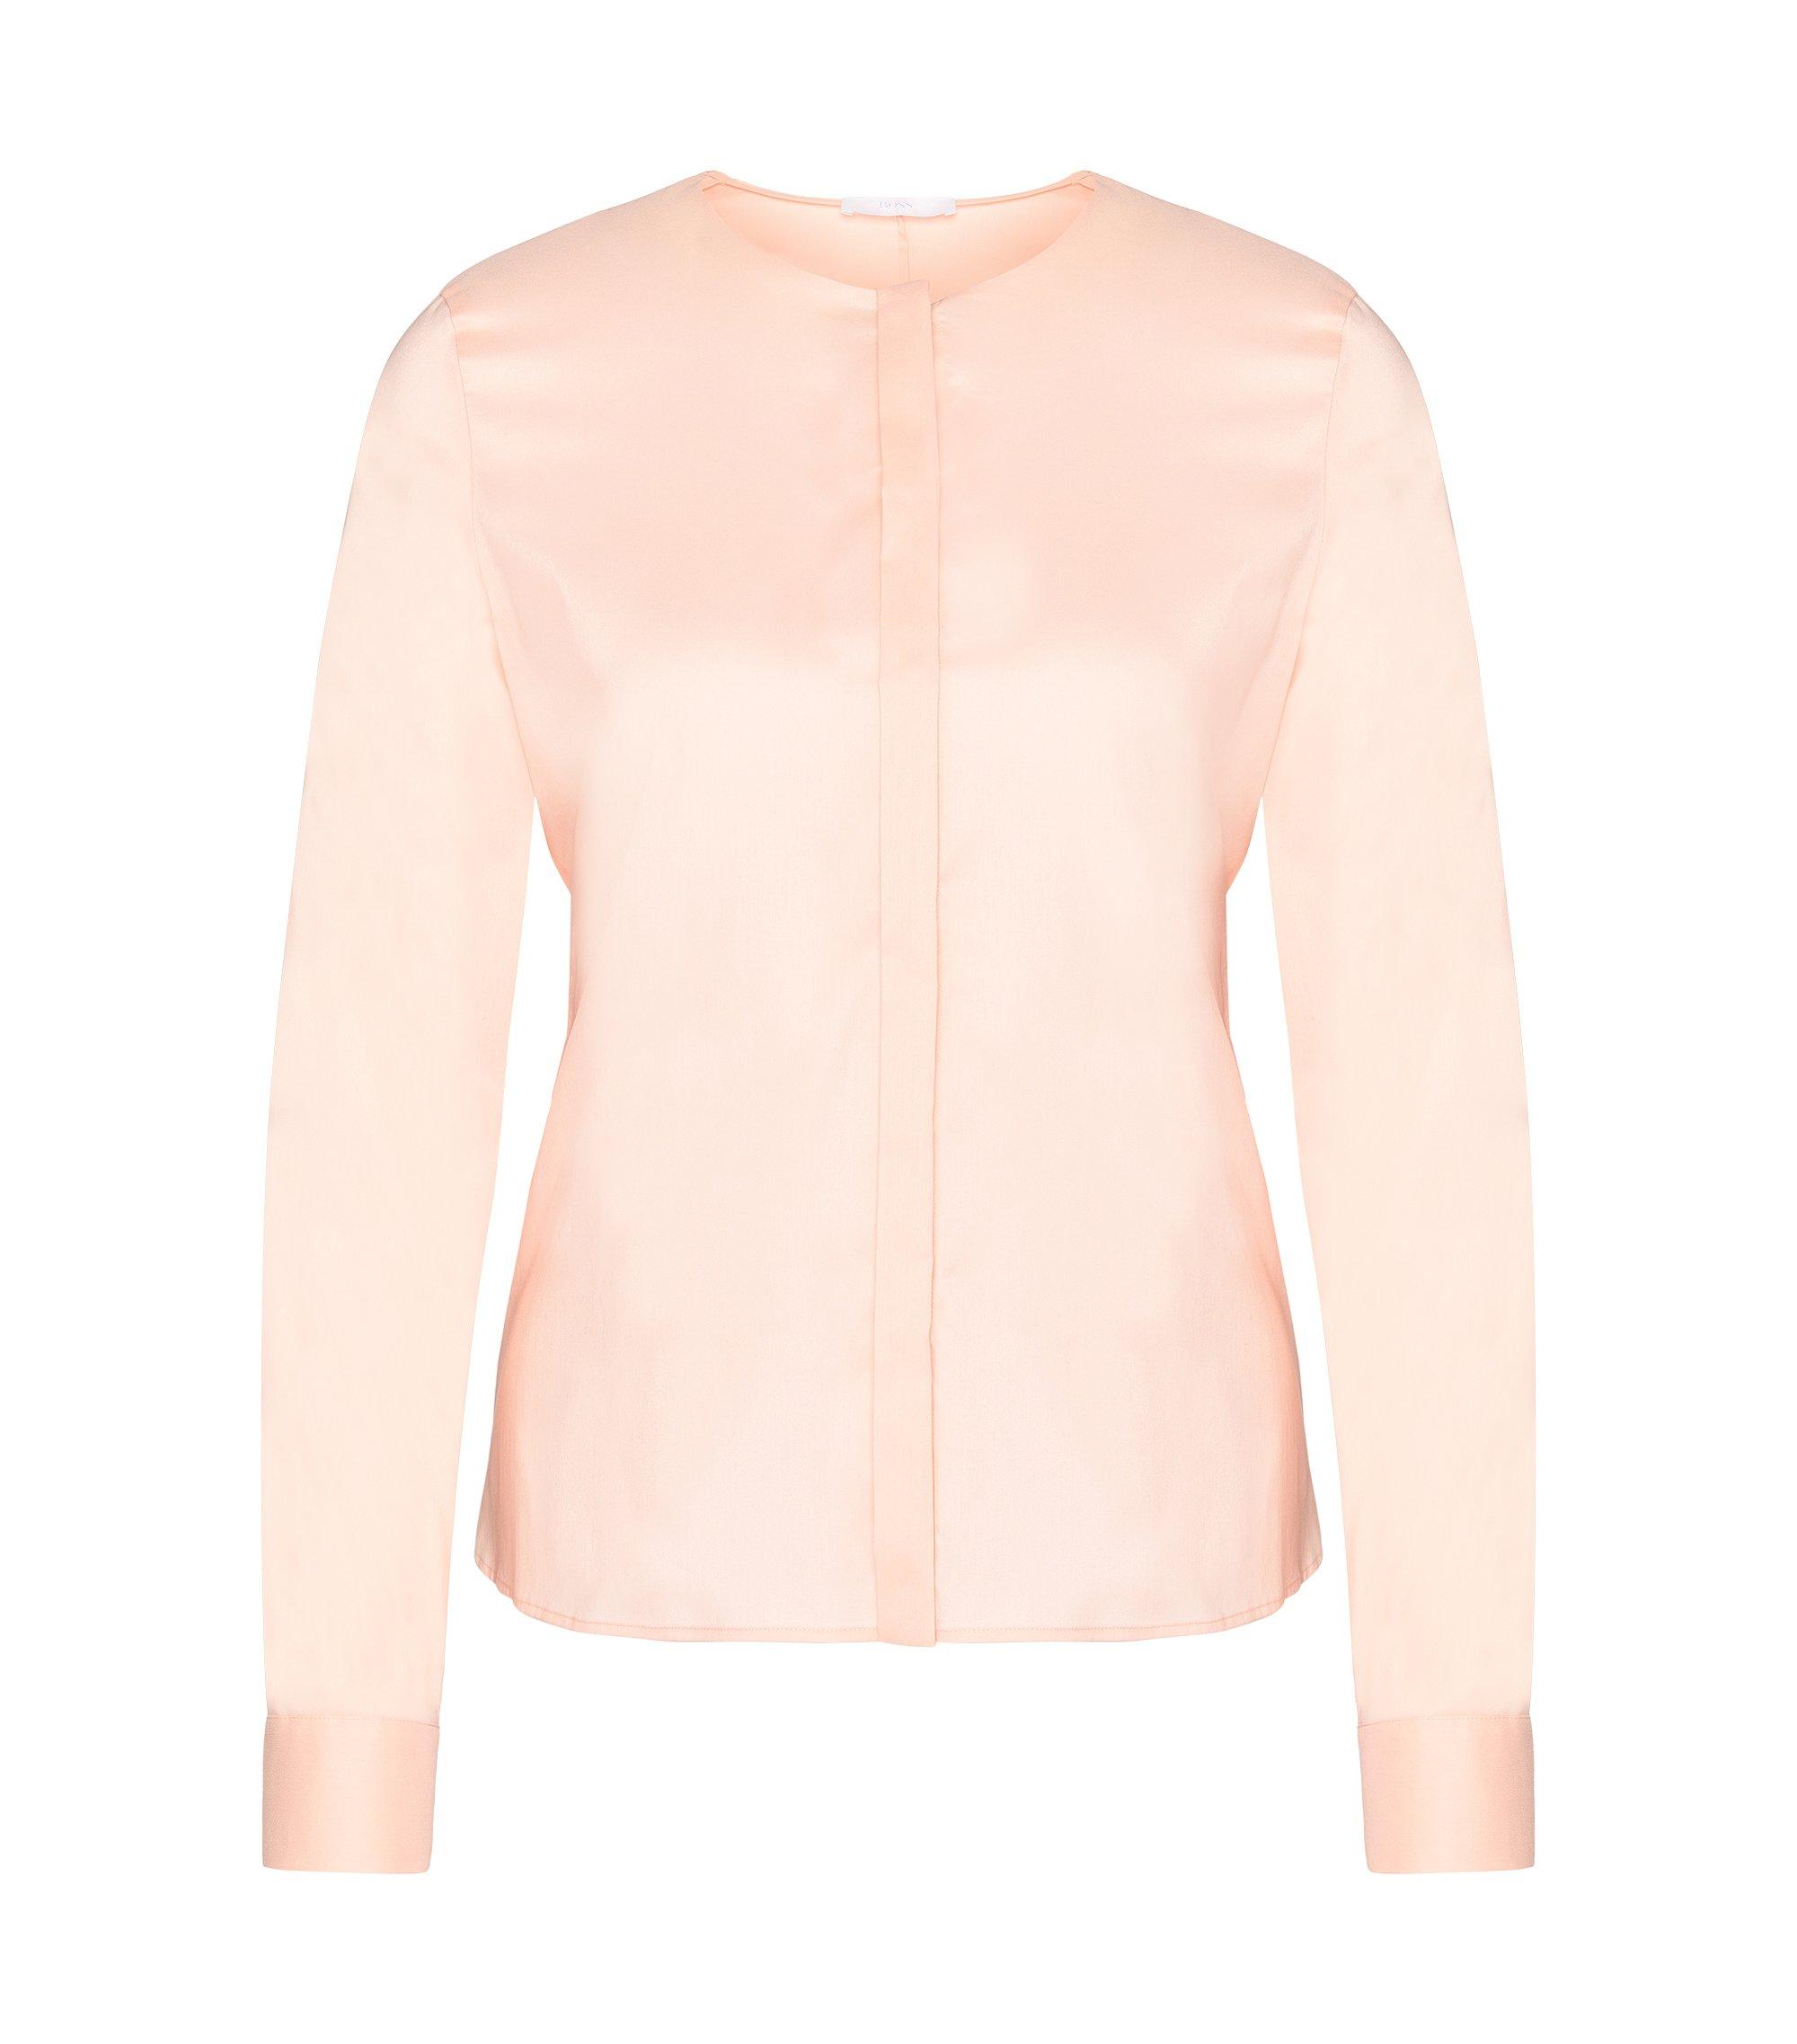 Cotton Blend Blend Tie Waist Blouse | Binana, light pink